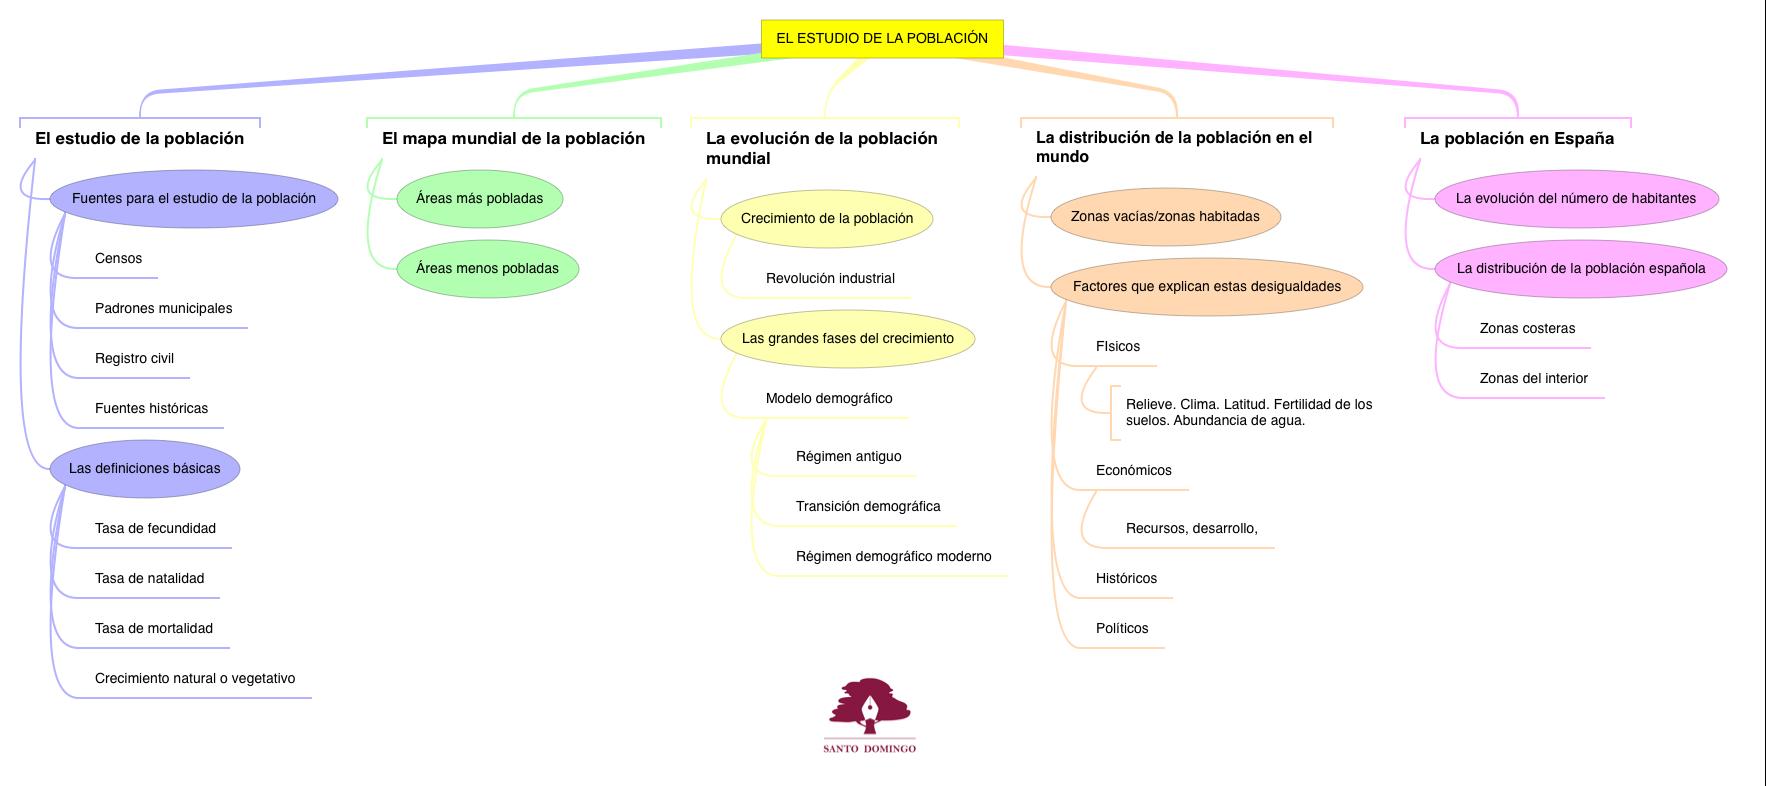 CS_EL ESTUDIO DE LA POBLACIÓN_S2